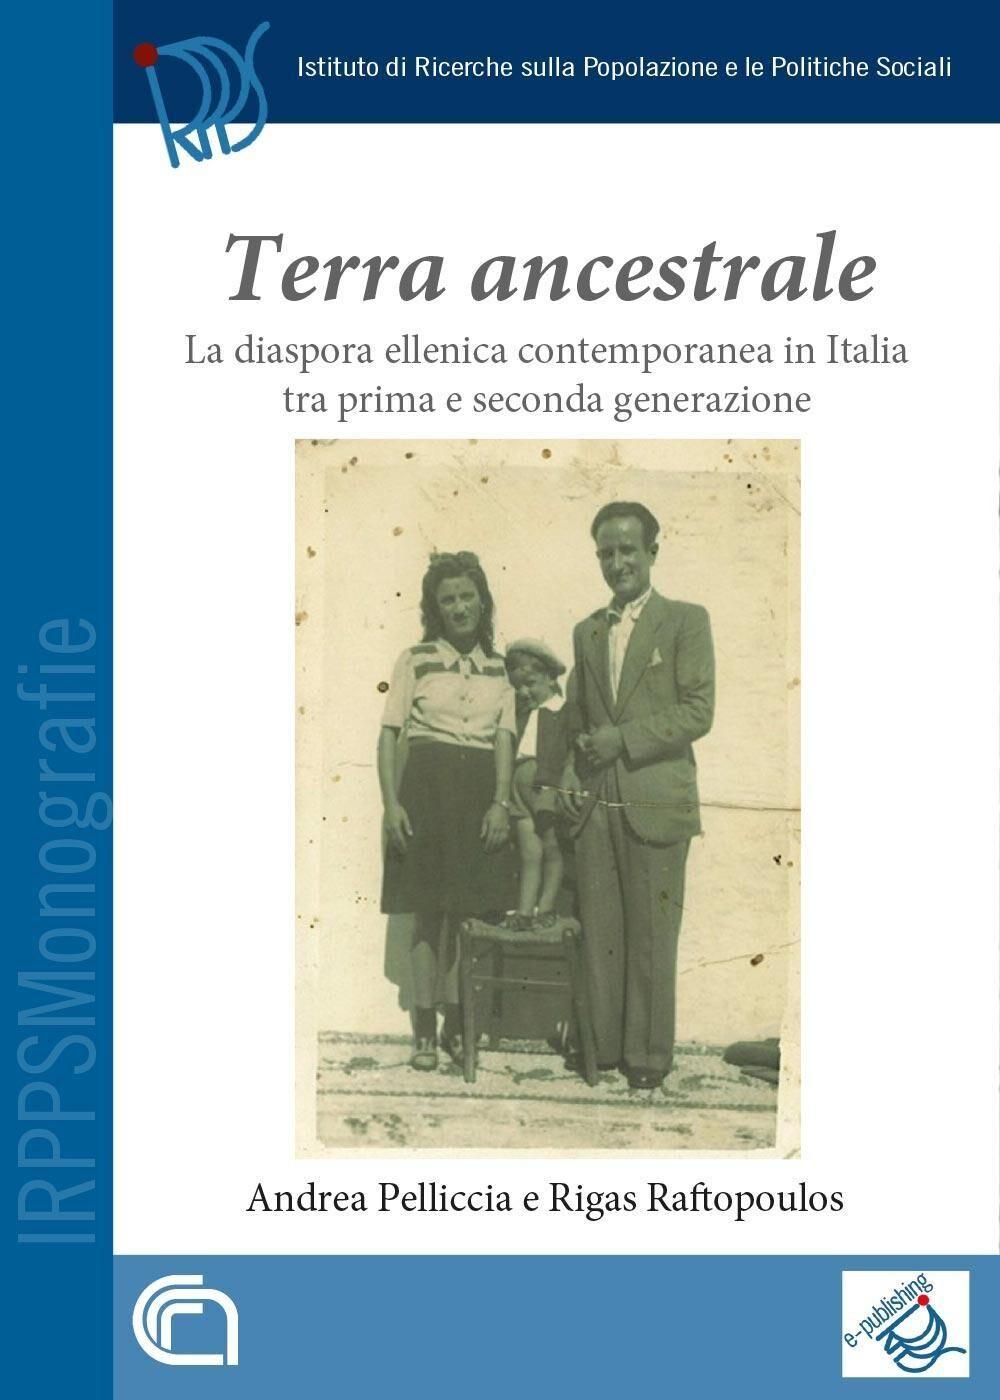 Terra ancestrale. La diaspora ellenica contemporanea in Italia tra prima e seconda generazione